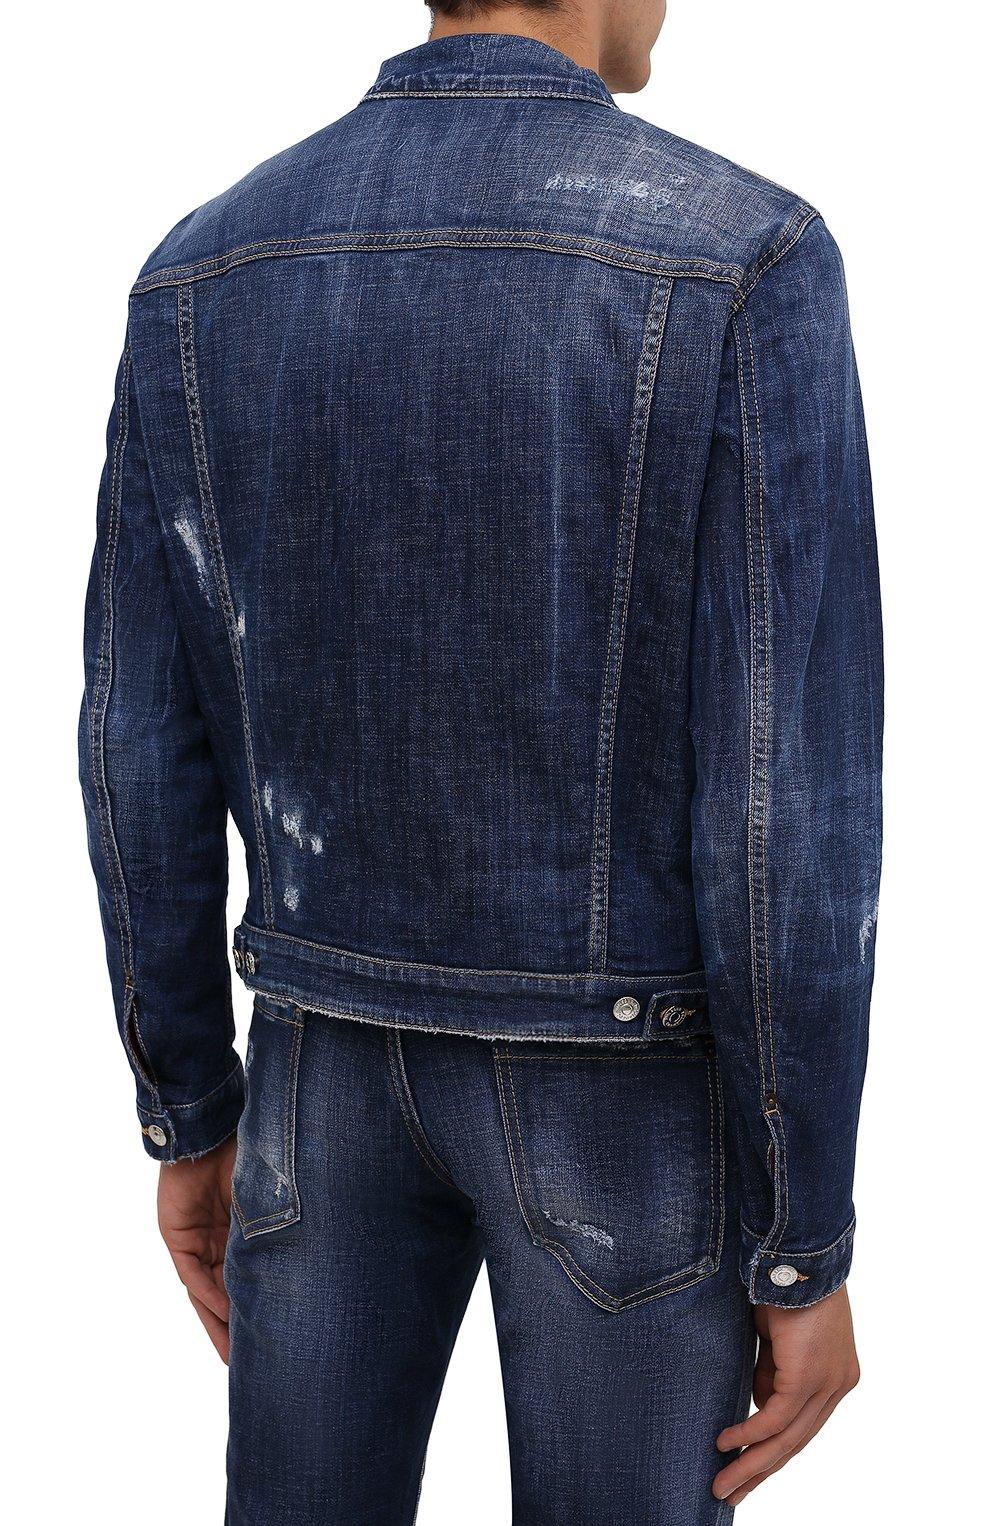 Мужская джинсовая куртка DSQUARED2 темно-синего цвета, арт. S74AM1207/S30342   Фото 4 (Кросс-КТ: Куртка, Деним; Рукава: Длинные; Стили: Гранж; Материал внешний: Хлопок; Длина (верхняя одежда): Короткие; Материал подклада: Хлопок)